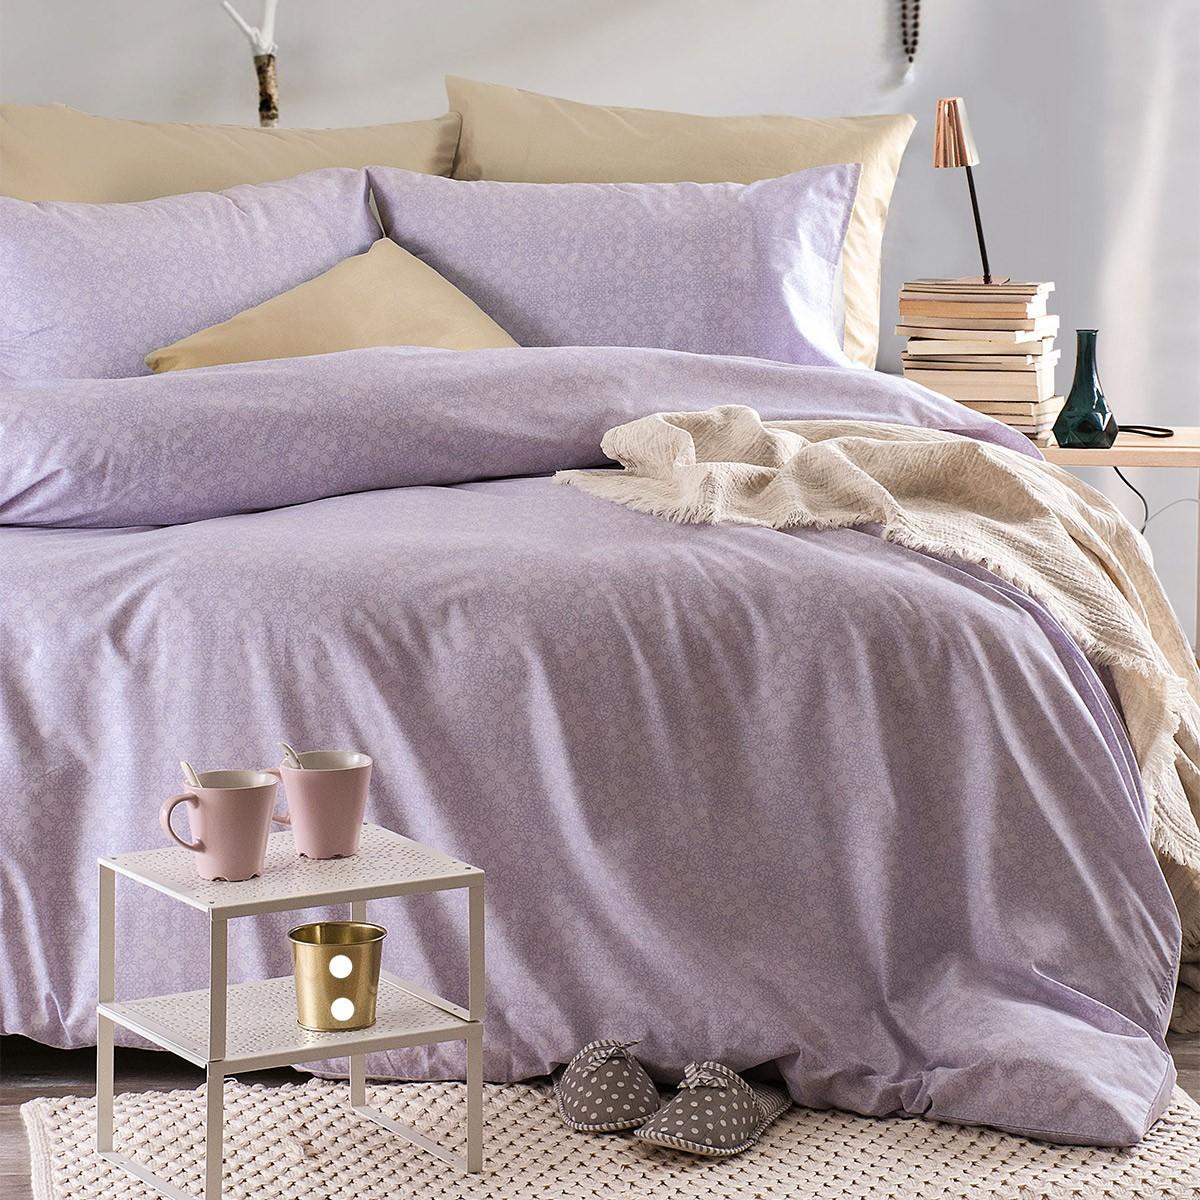 Σεντόνια Μονά (Σετ) Rythmos Next Bohemian Purple ΜΕ ΛΑΣΤΙΧΟ 105×205+25 ΜΕ ΛΑΣΤΙΧΟ 105×205+25